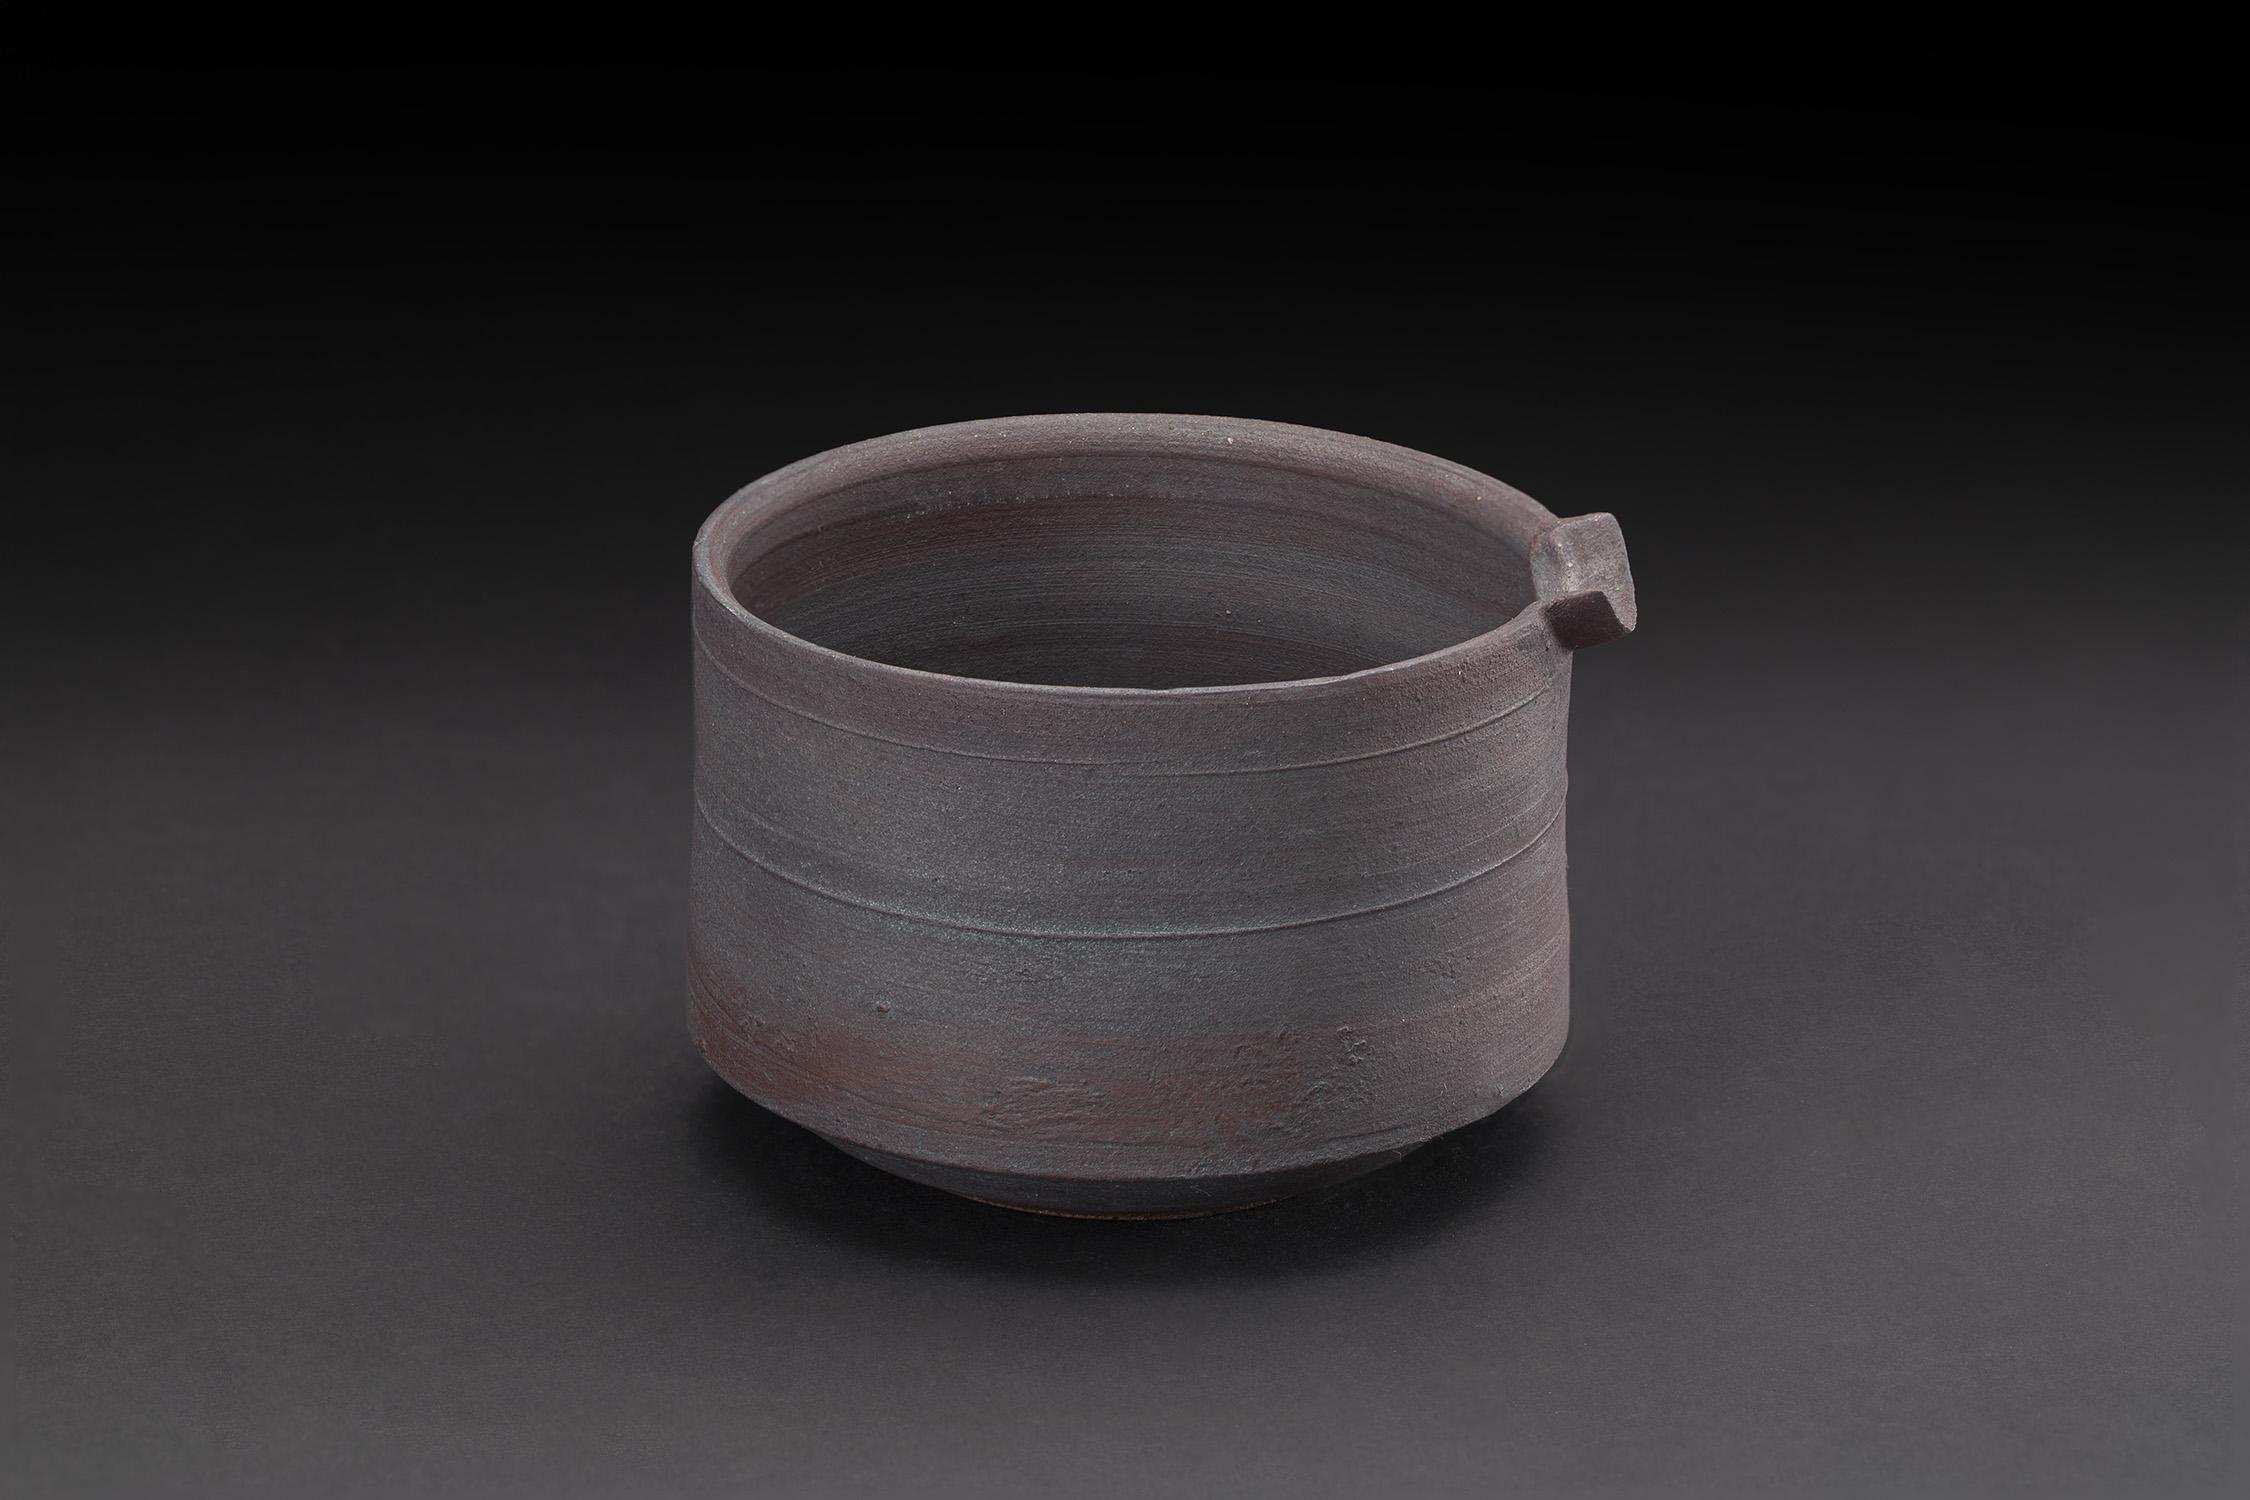 Akihiro Nikaido  Katakuchi  , 2019 Ceramic 3.5 x 4 x 3.75 inches 8.9 x 10.2 x 9.5 cm ANk 121